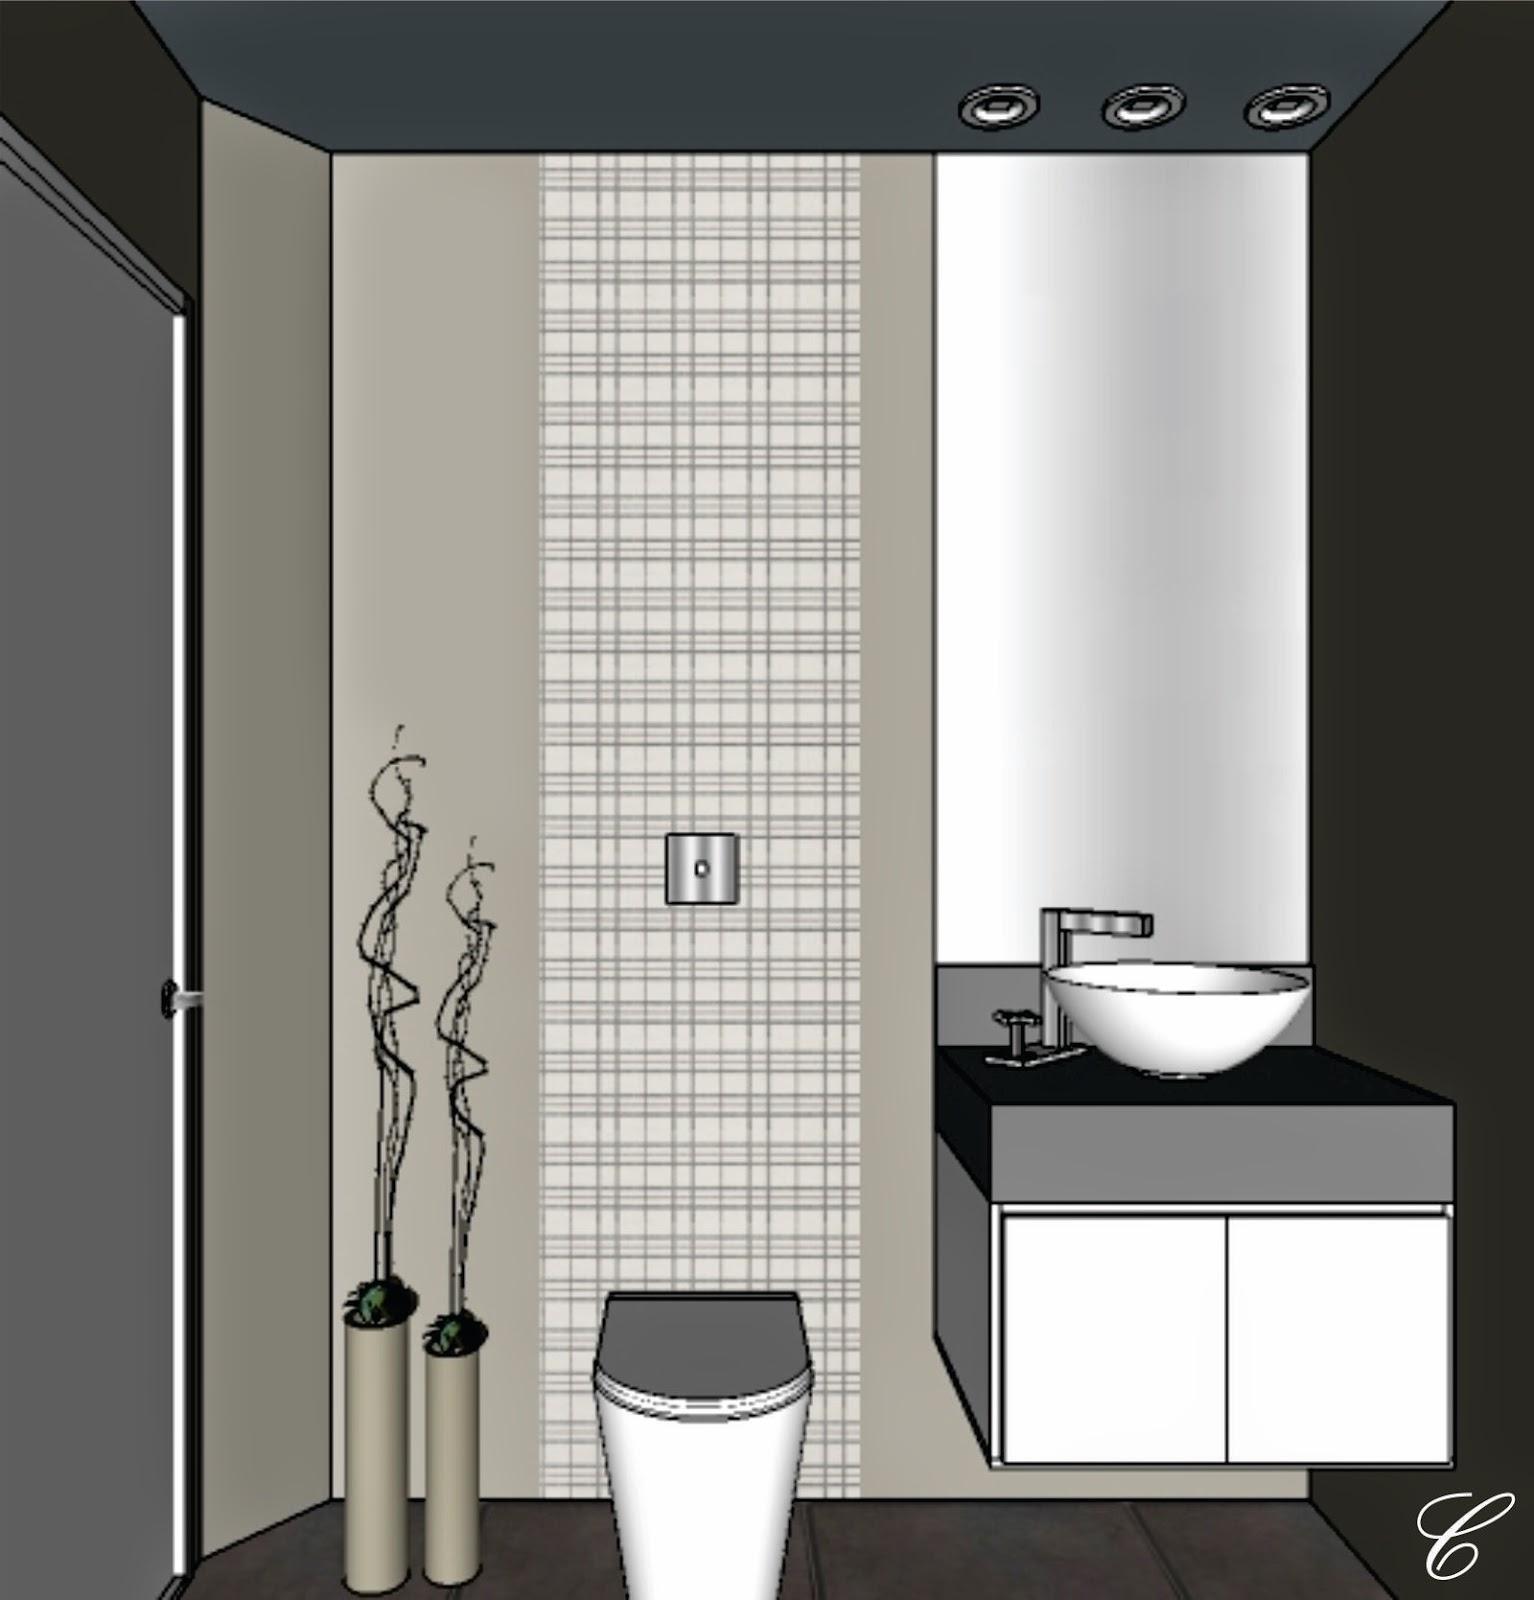 aqui um banheiro social banheiro para o casal #4C5E49 1534x1600 Banheiro Casal Dois Vasos